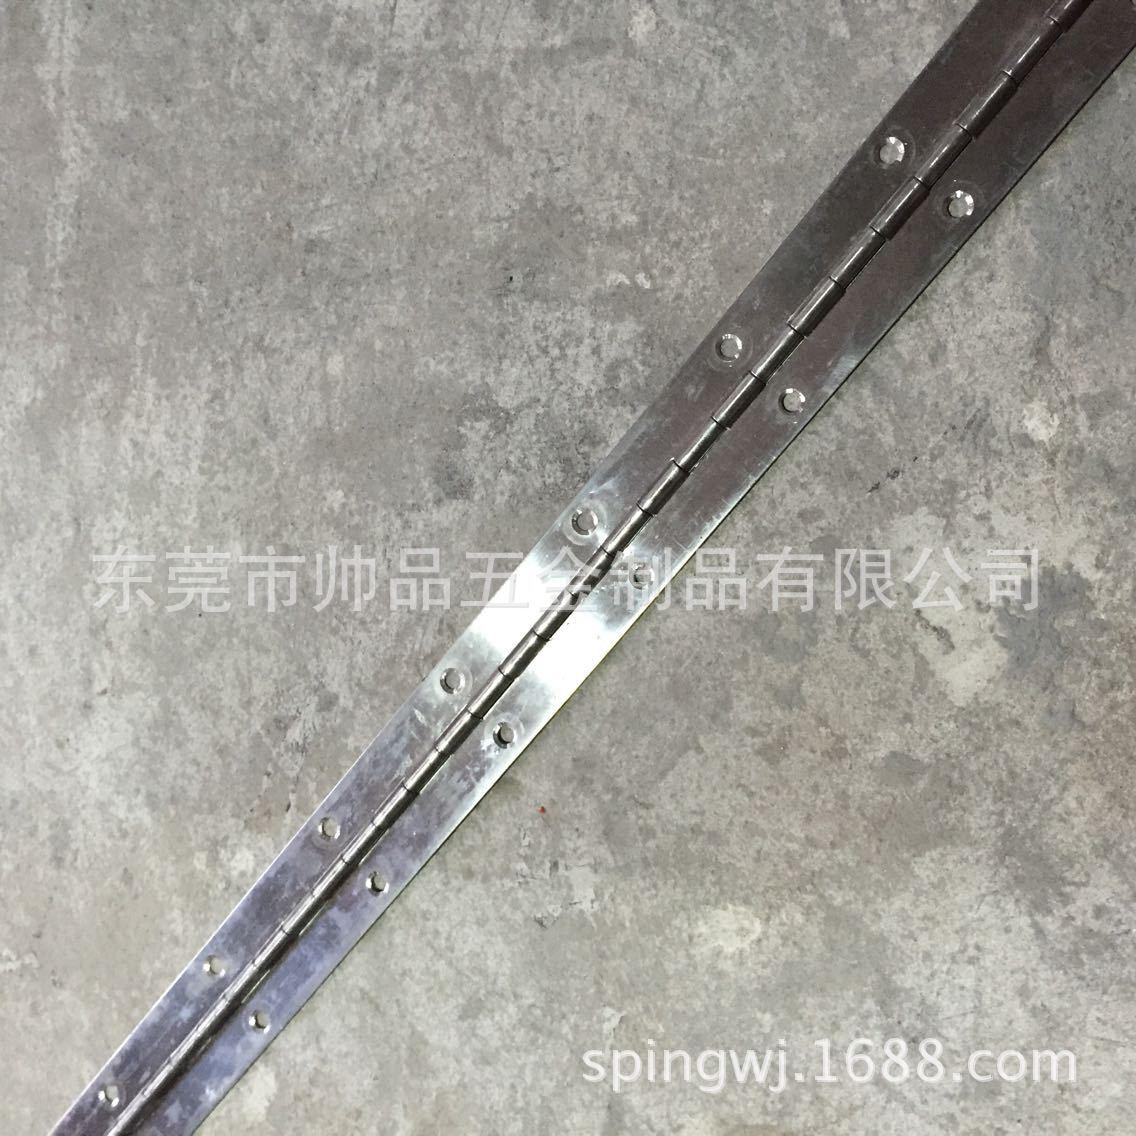 sping/帅品 304不锈钢钢琴铰链 不锈钢排铰 机箱铰链 广告箱合页